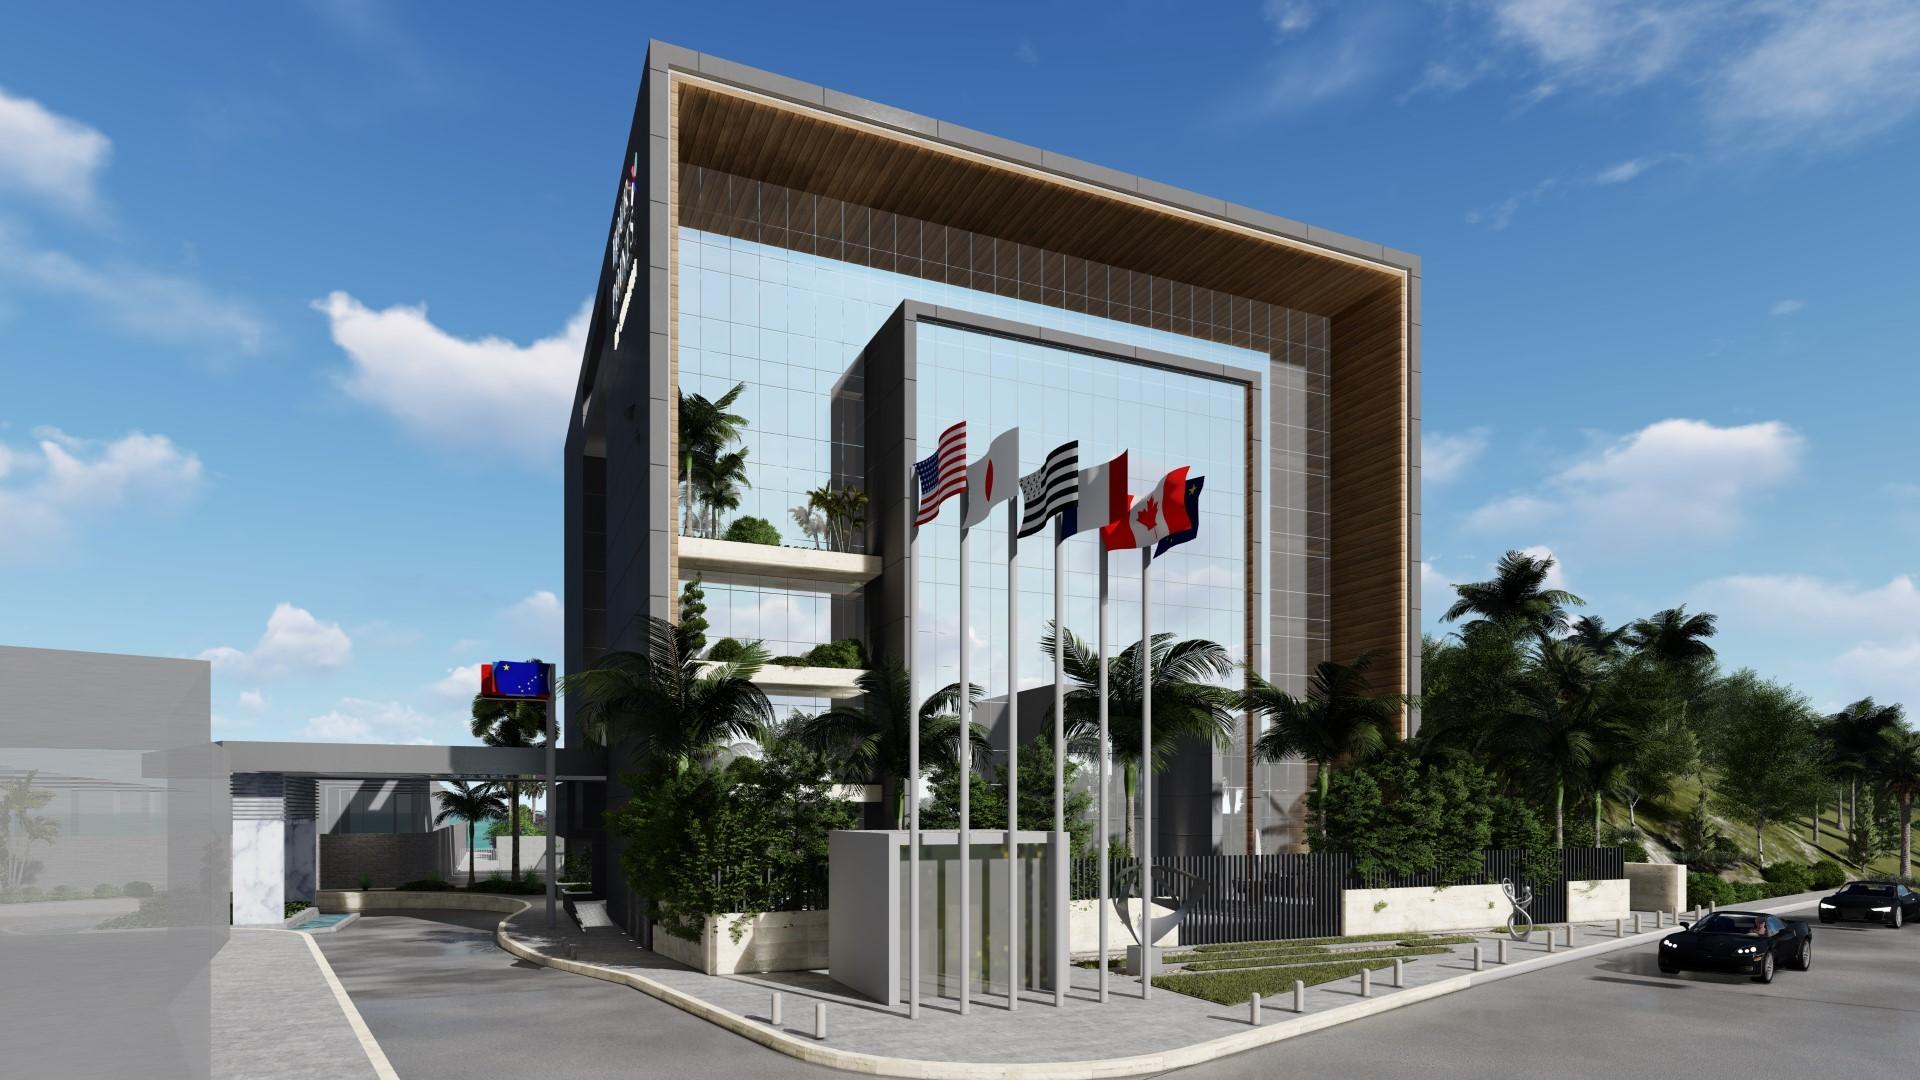 Sheraton Monrovia